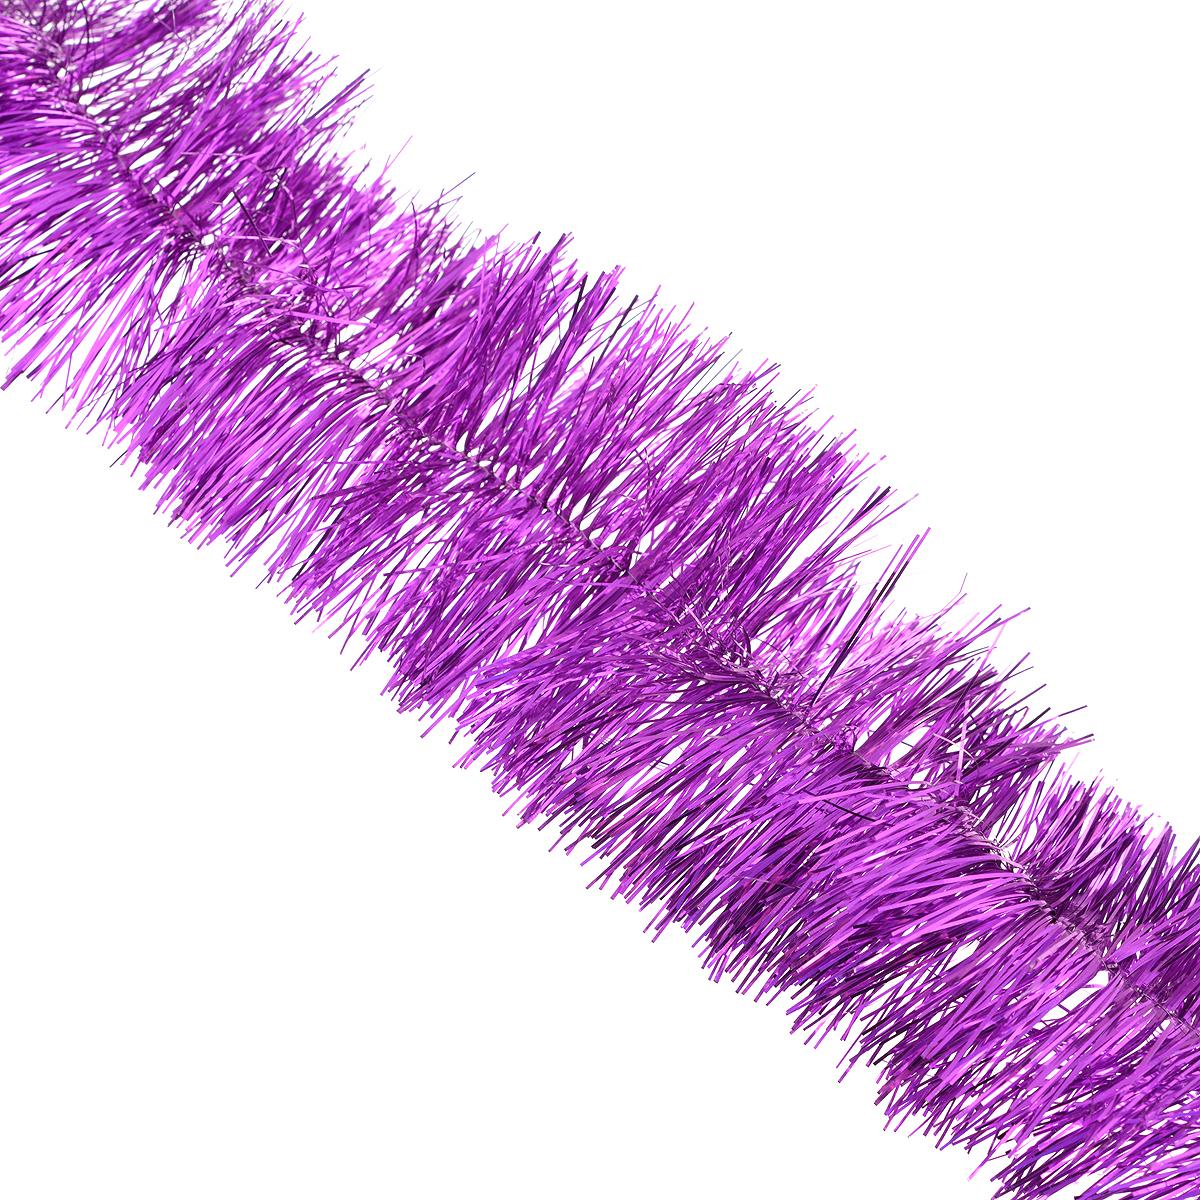 Мишура новогодняя Sima-land, цвет: фиолетовый, диаметр 9 см, длина 165 см. 701307 новогодняя декоративная фигурка sima land елка достатка и процветания высота 12 5 см